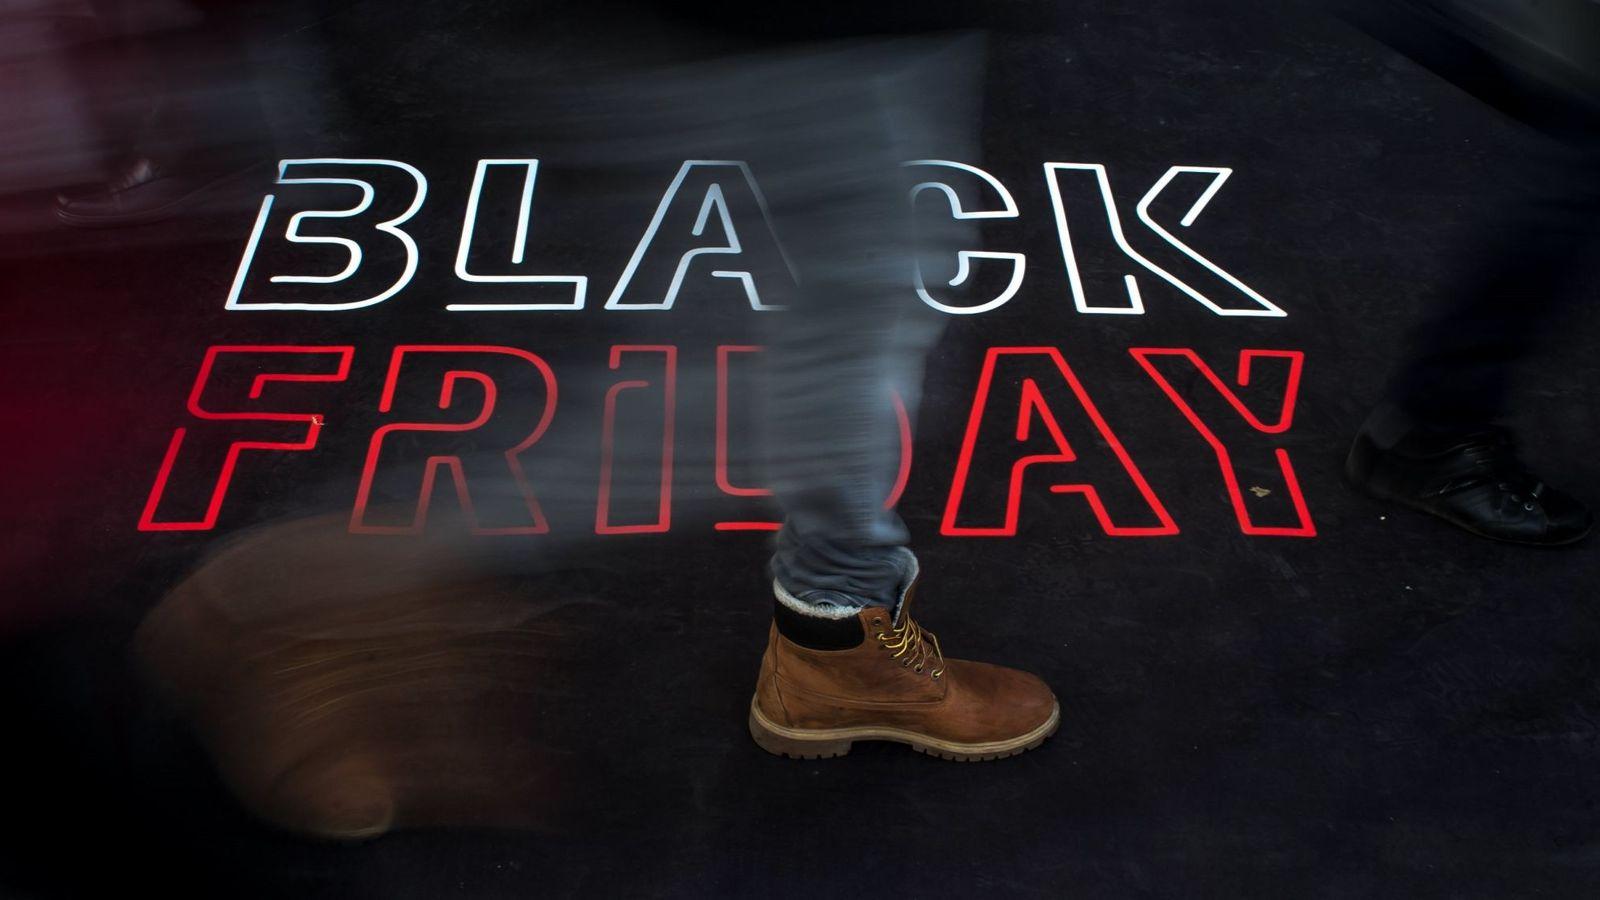 Estas son las tiendas que más bajaron los precios en el Black Friday del año pasado